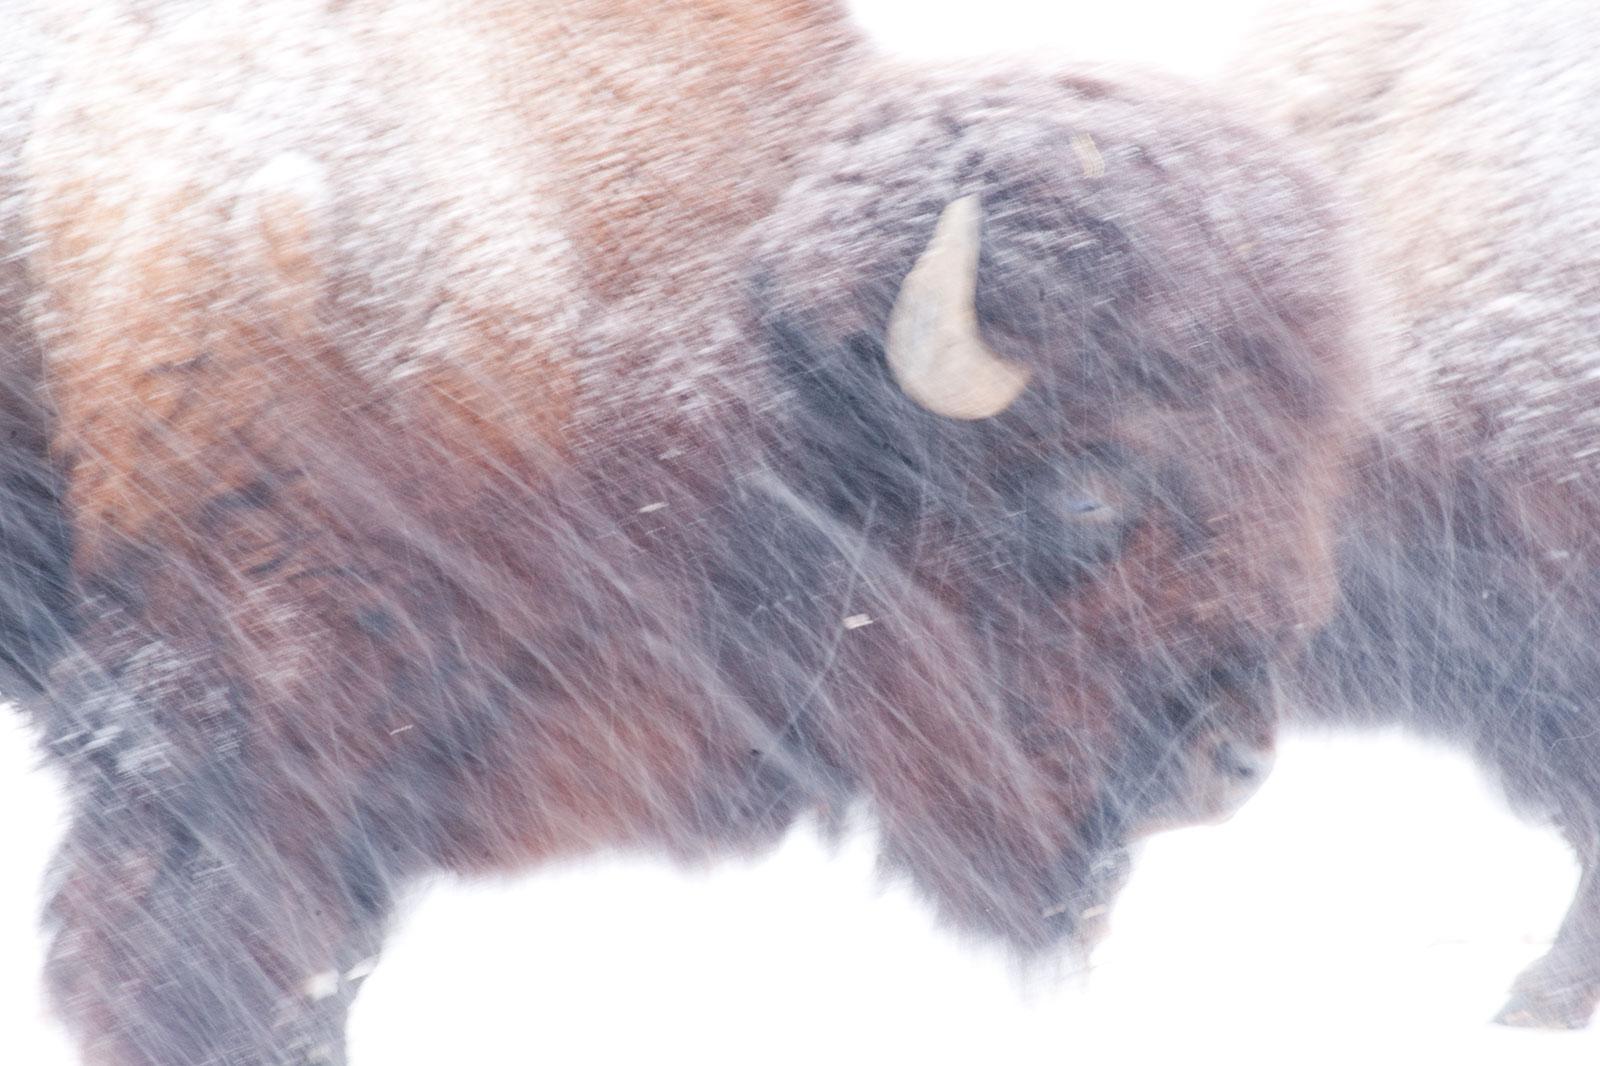 Wilde beesten in de sneeuw, januari 2010